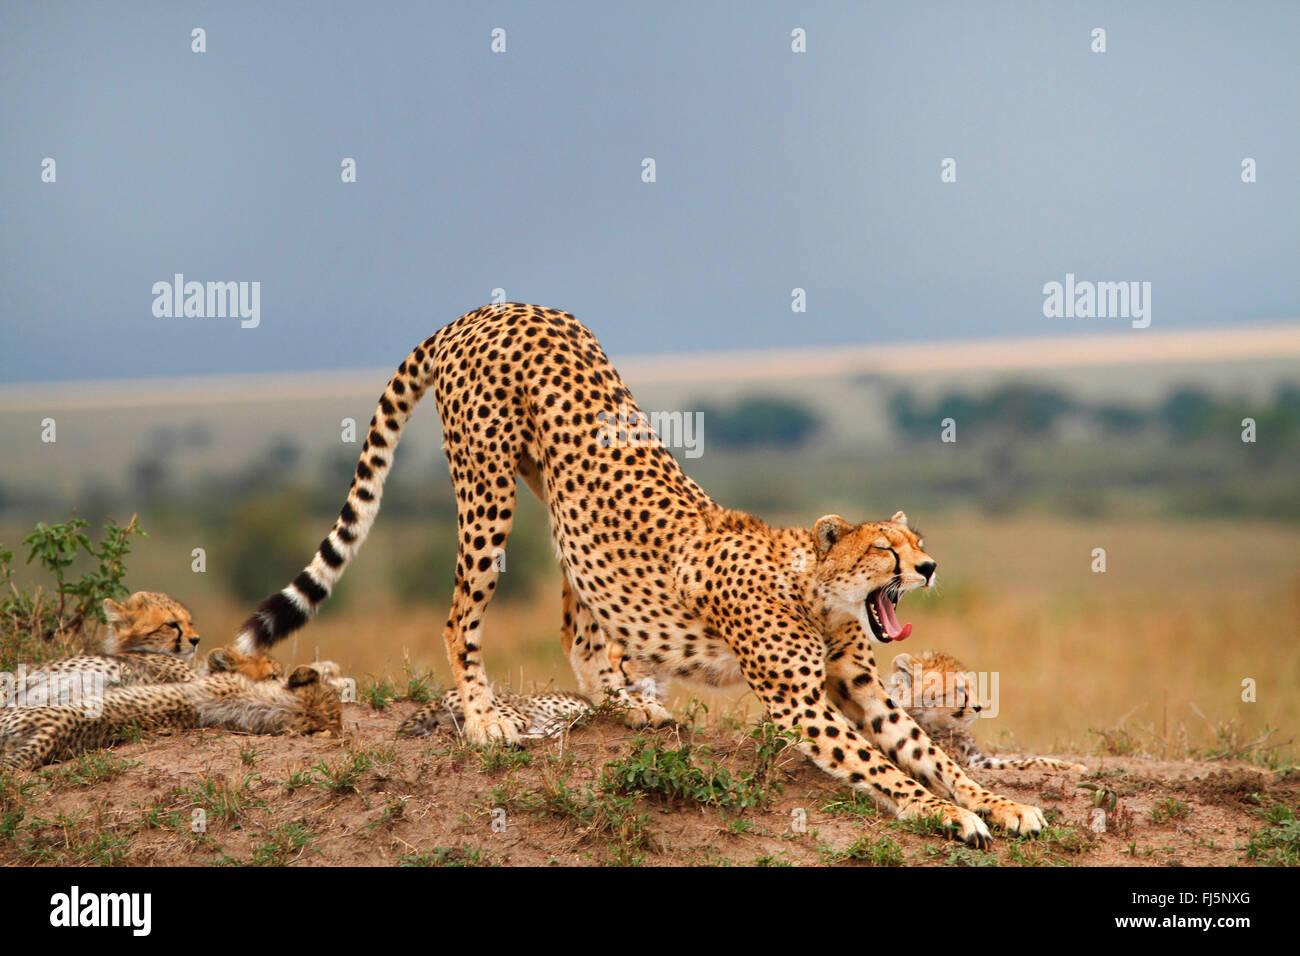 cheetah (Acinonyx jubatus), family in savannah, Kenya, Masai Mara National Park - Stock Image